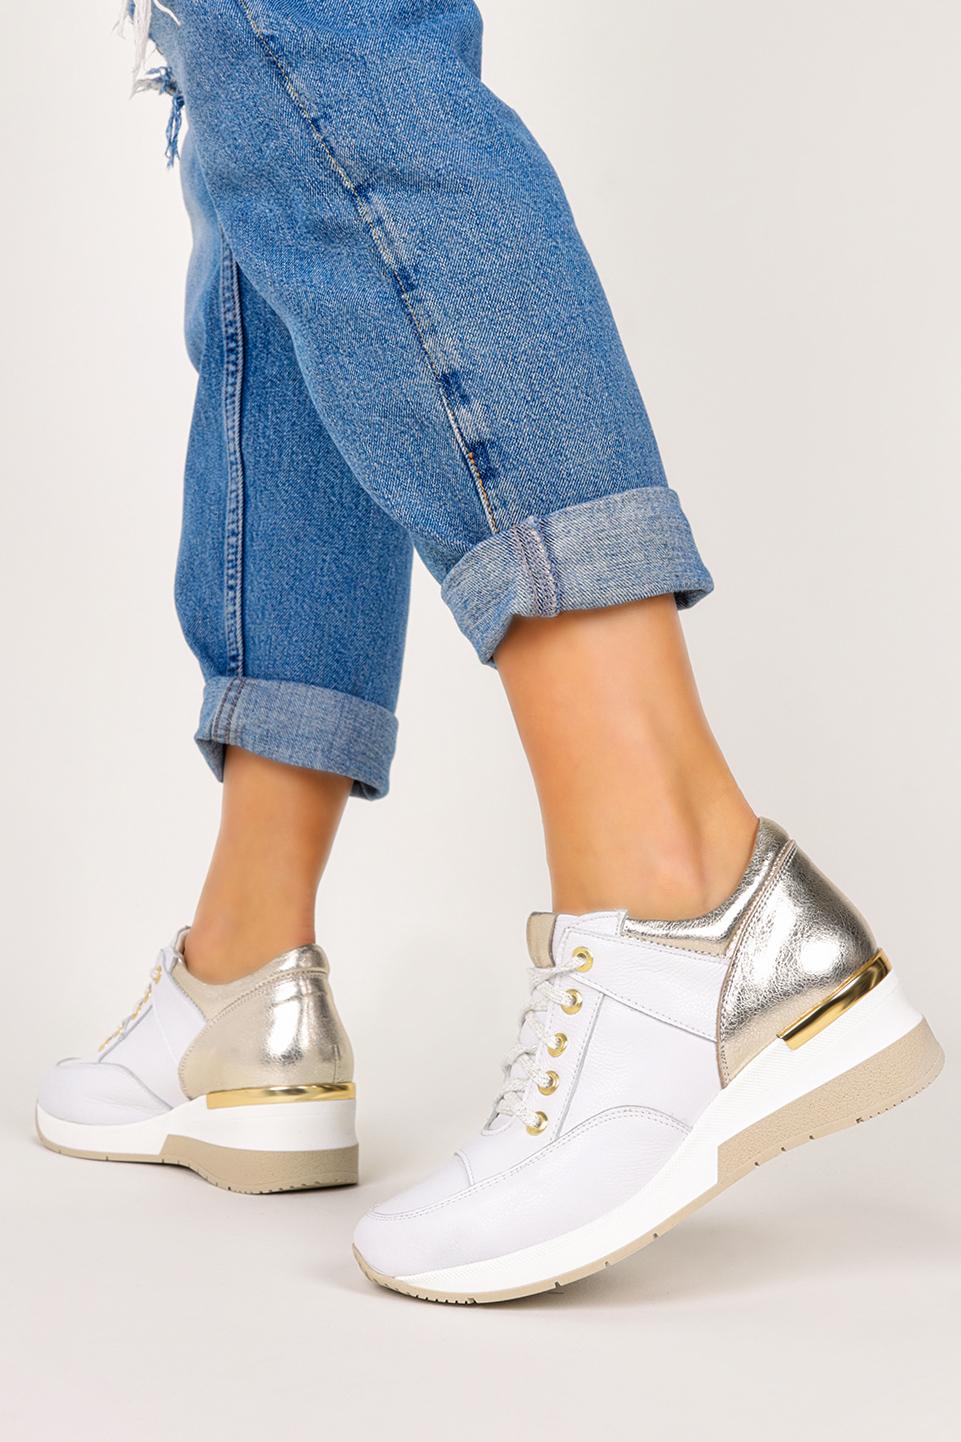 Białe sneakersy Casu buty sportowe sznurowane na koturnie polska skóra 420/B biały